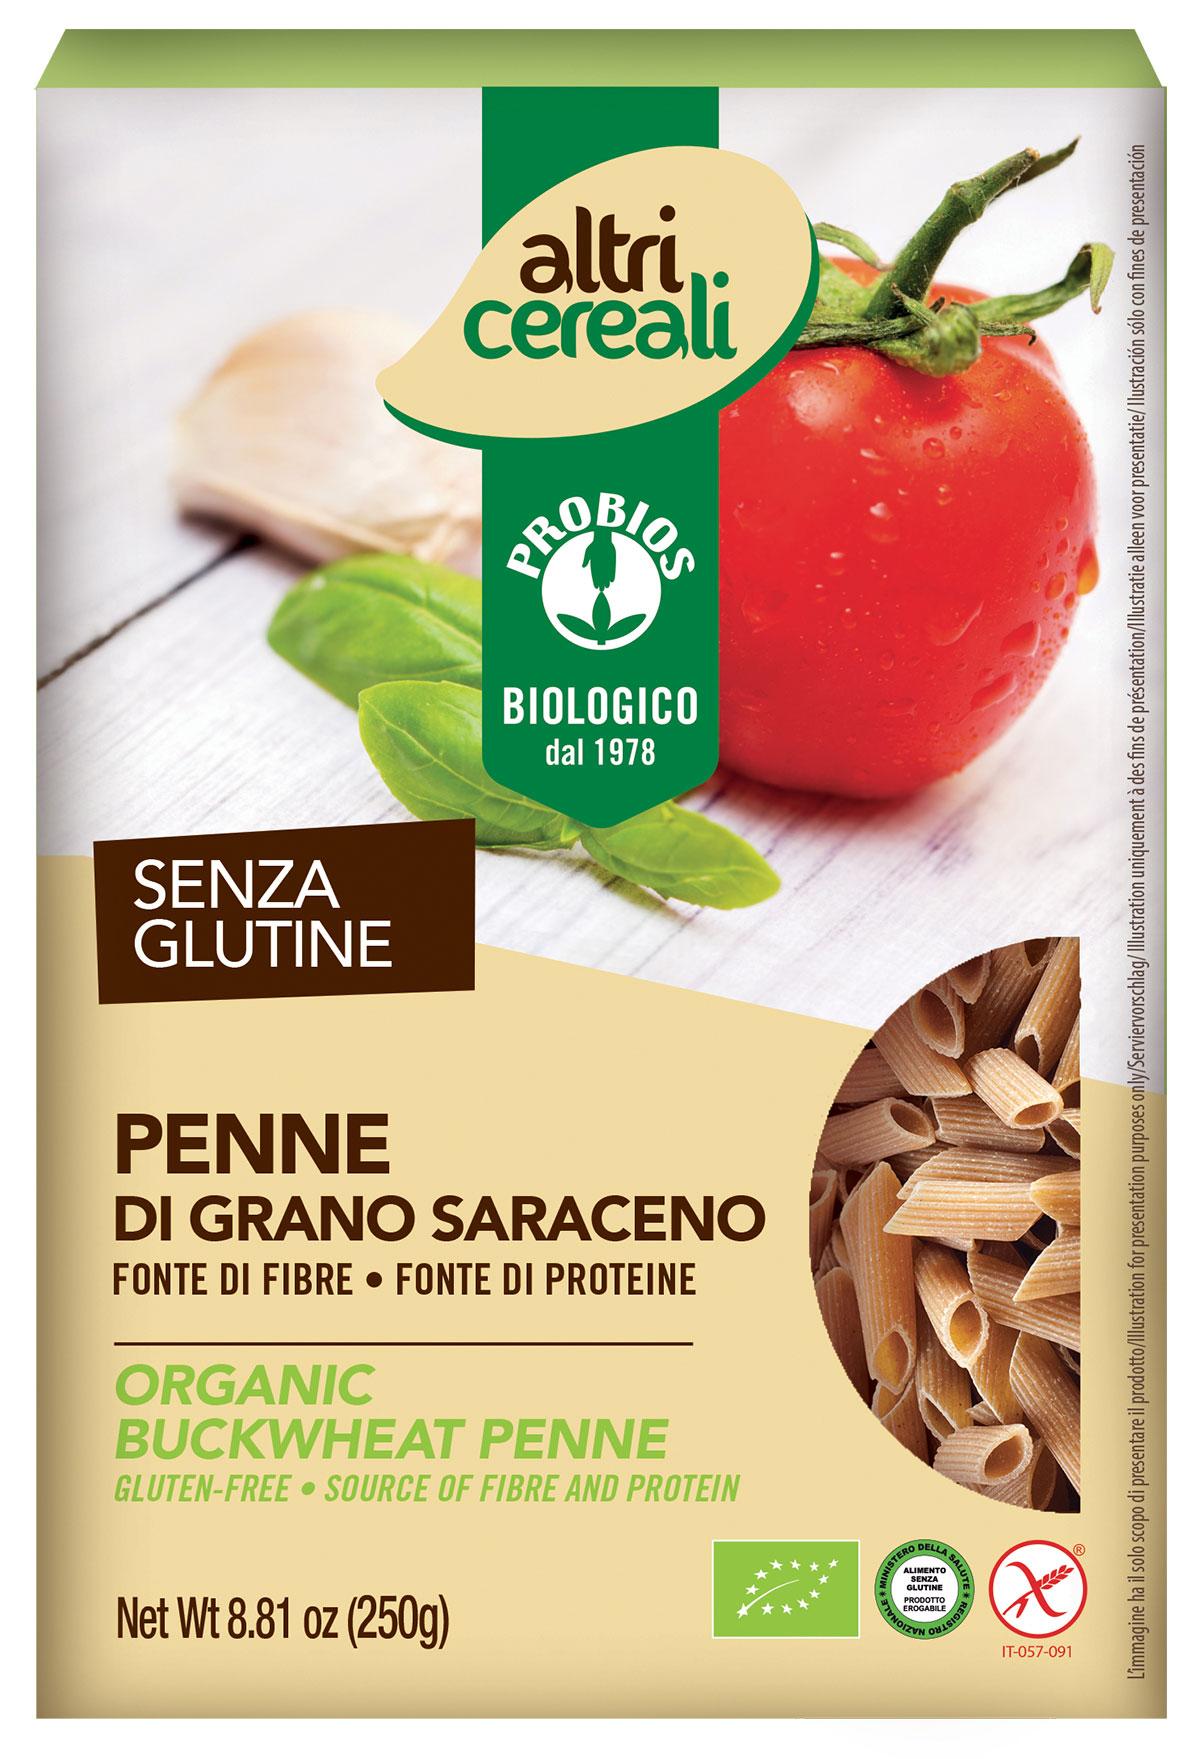 Image of AltriCereali Specialità Grano Saraceno Pasta Penne Biologico Senza Glutine 250g 925042246